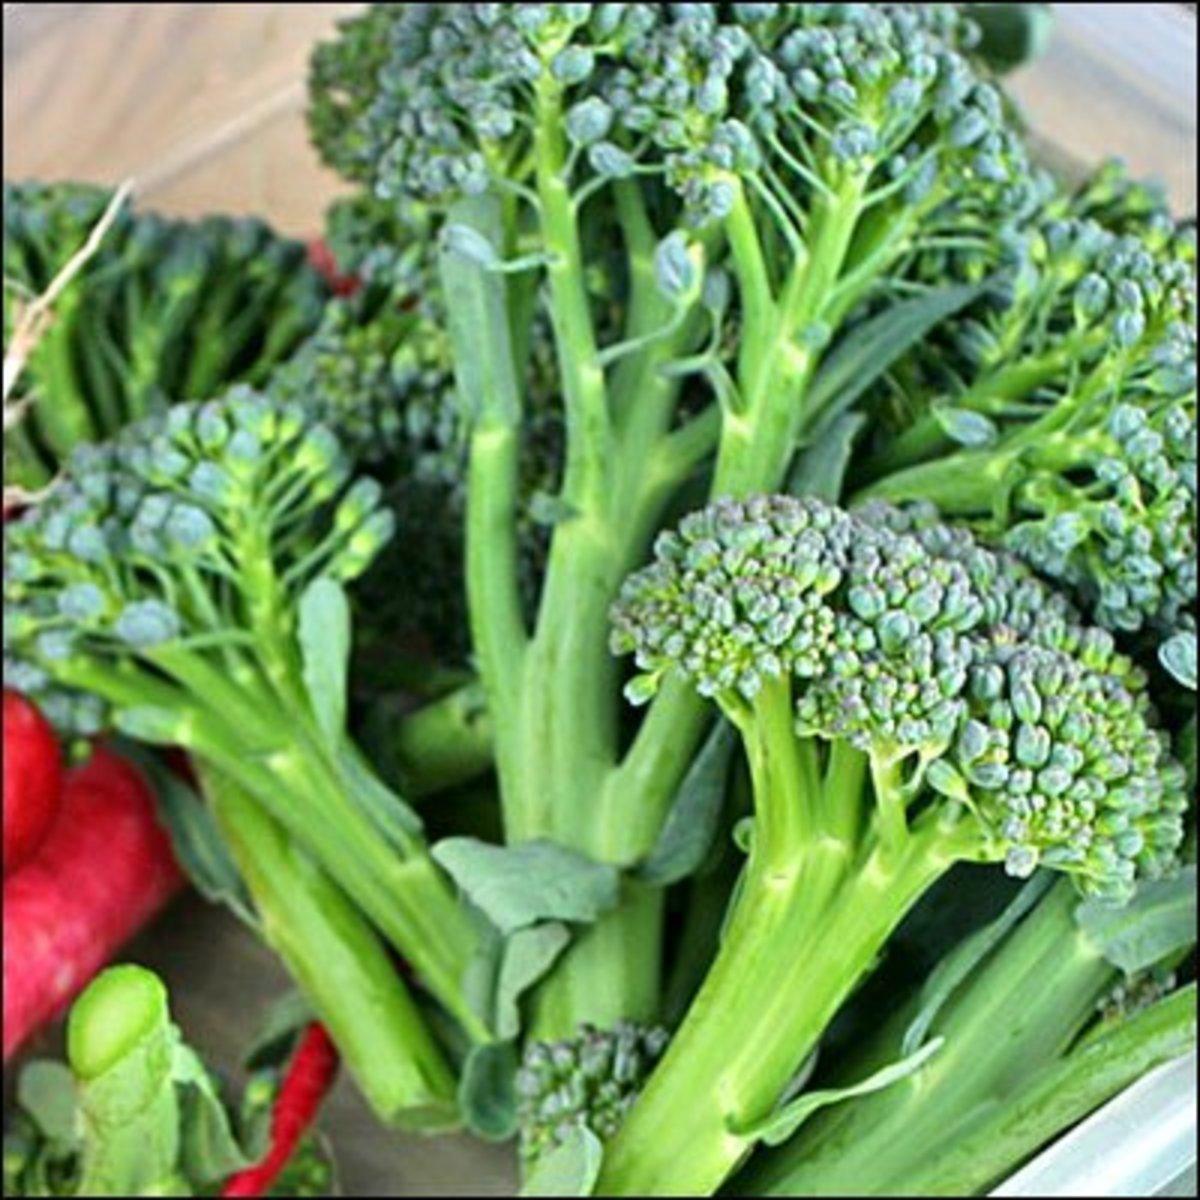 Freshly harvested broccoli florets.